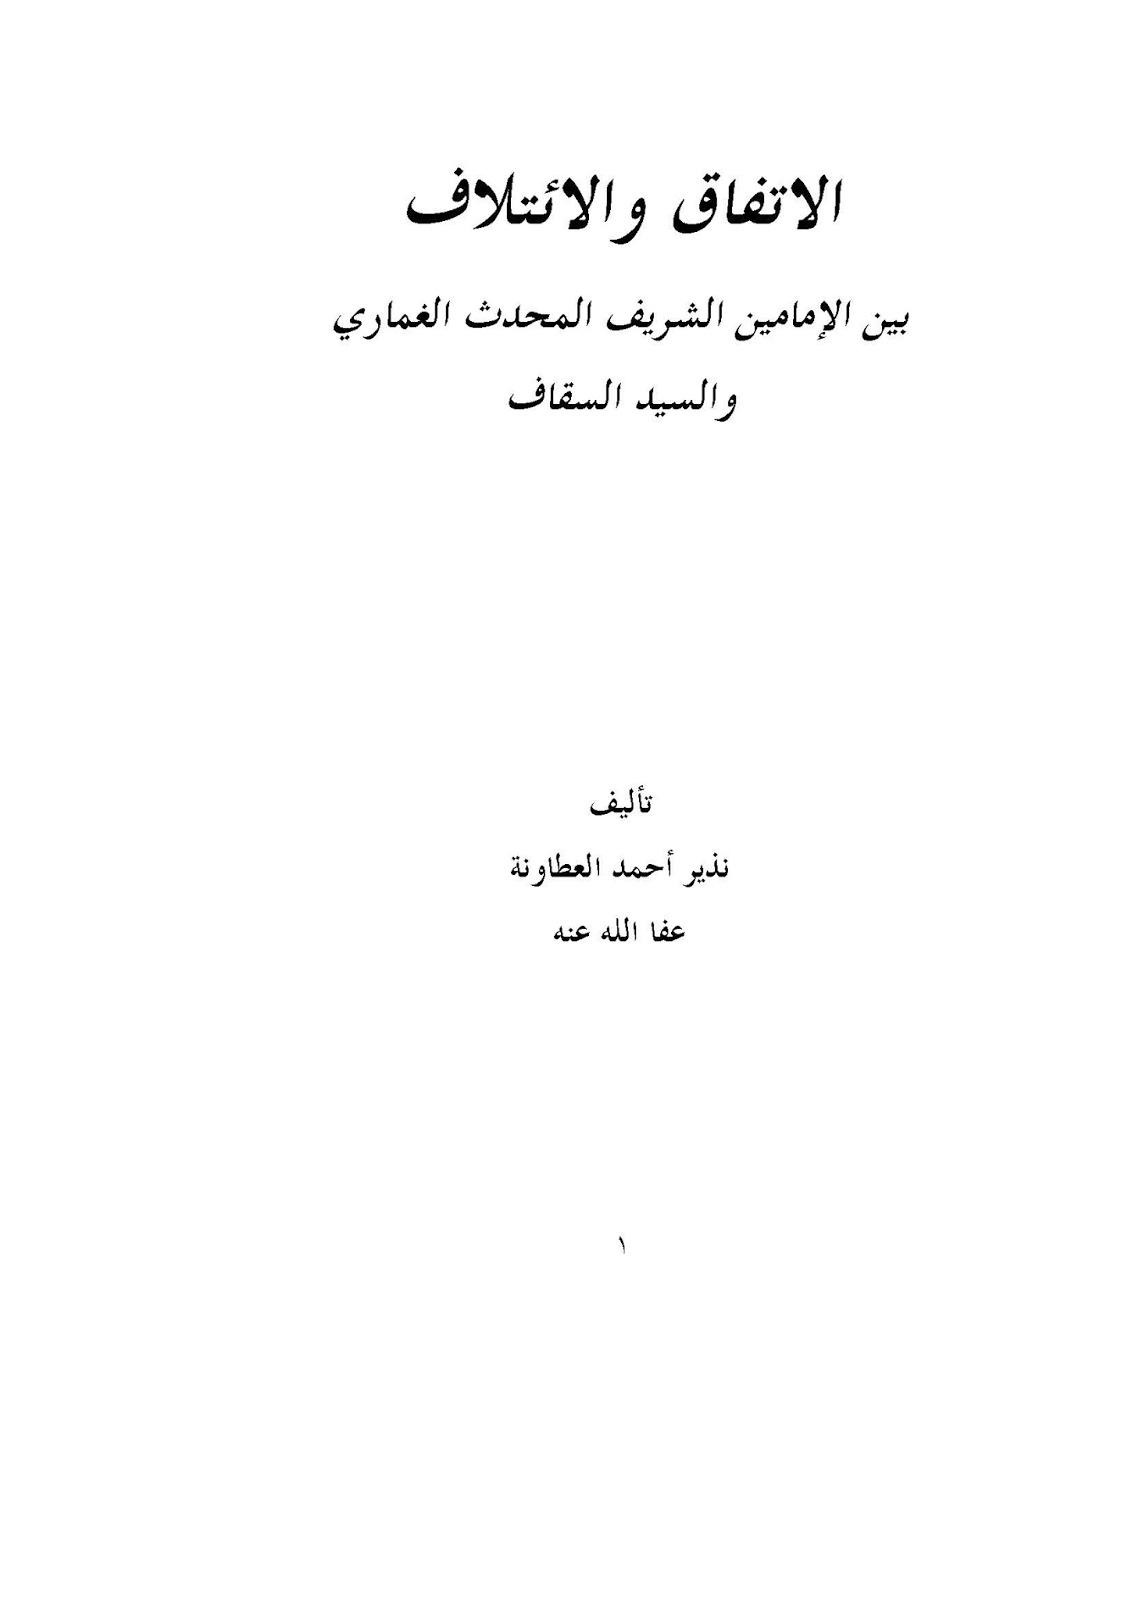 الاتفاق والائتلاف بين الإمامين الشريف الغماري والسيد السقاف - أحمد العطاونة pdf